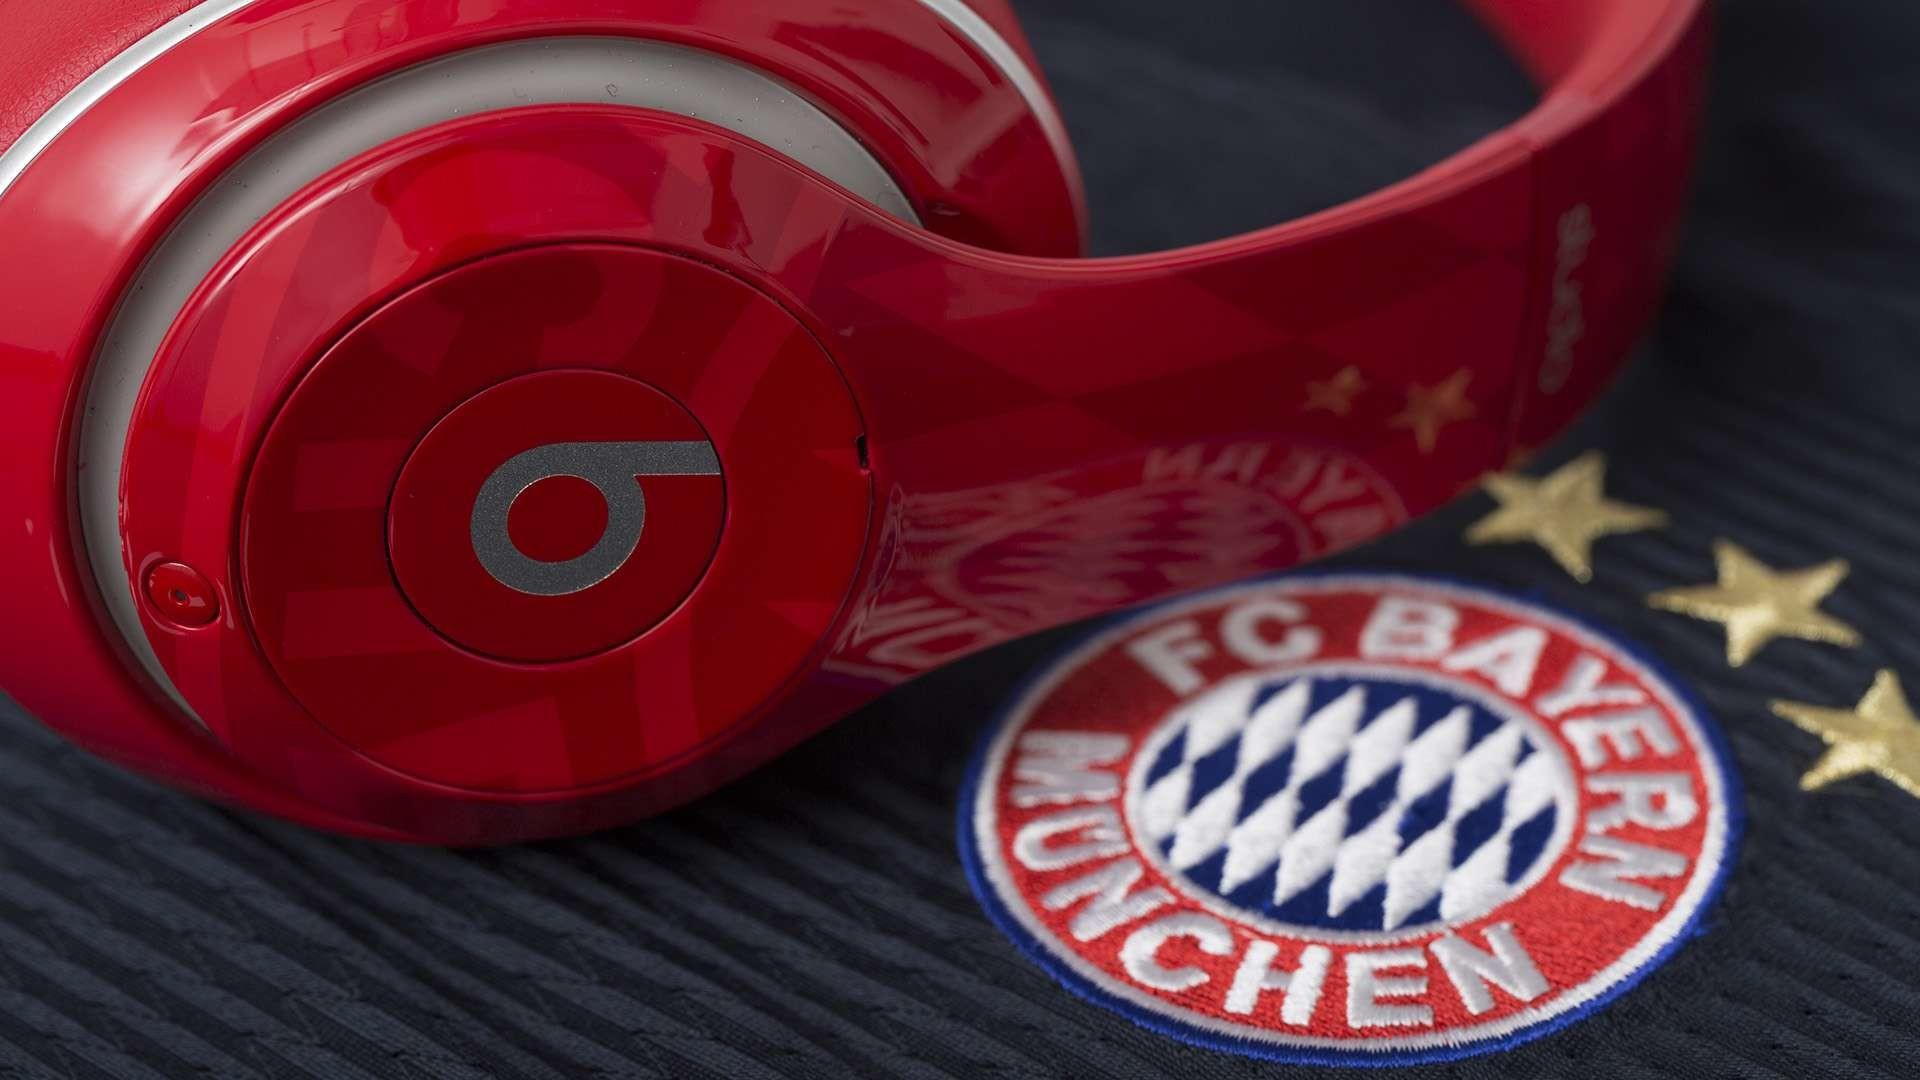 FC Bayern Munich Wallpaper 11